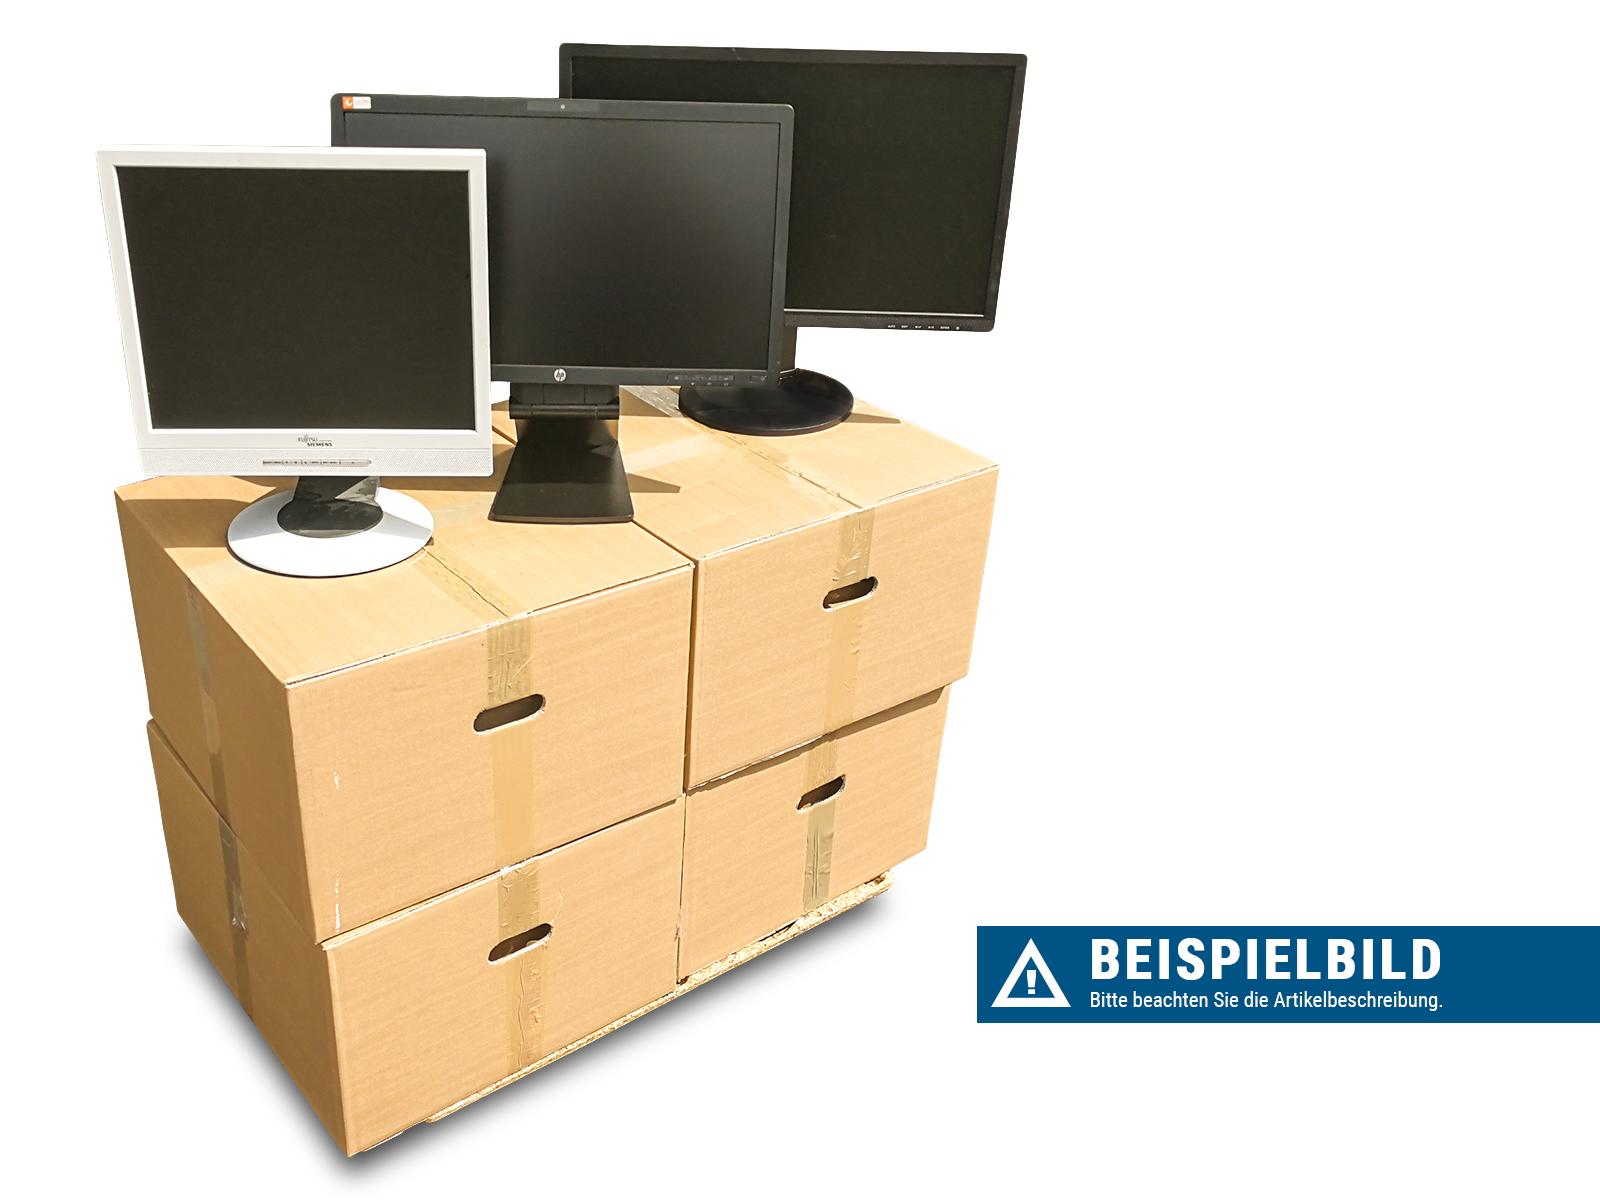 TFT PAKET: 18 Stück lt. Liste - Ohne Gewähr auf Vollständigkeit und Funktionsfähigkeit - Ungetestet direkt vom Endanwender - shop.bb-net.de